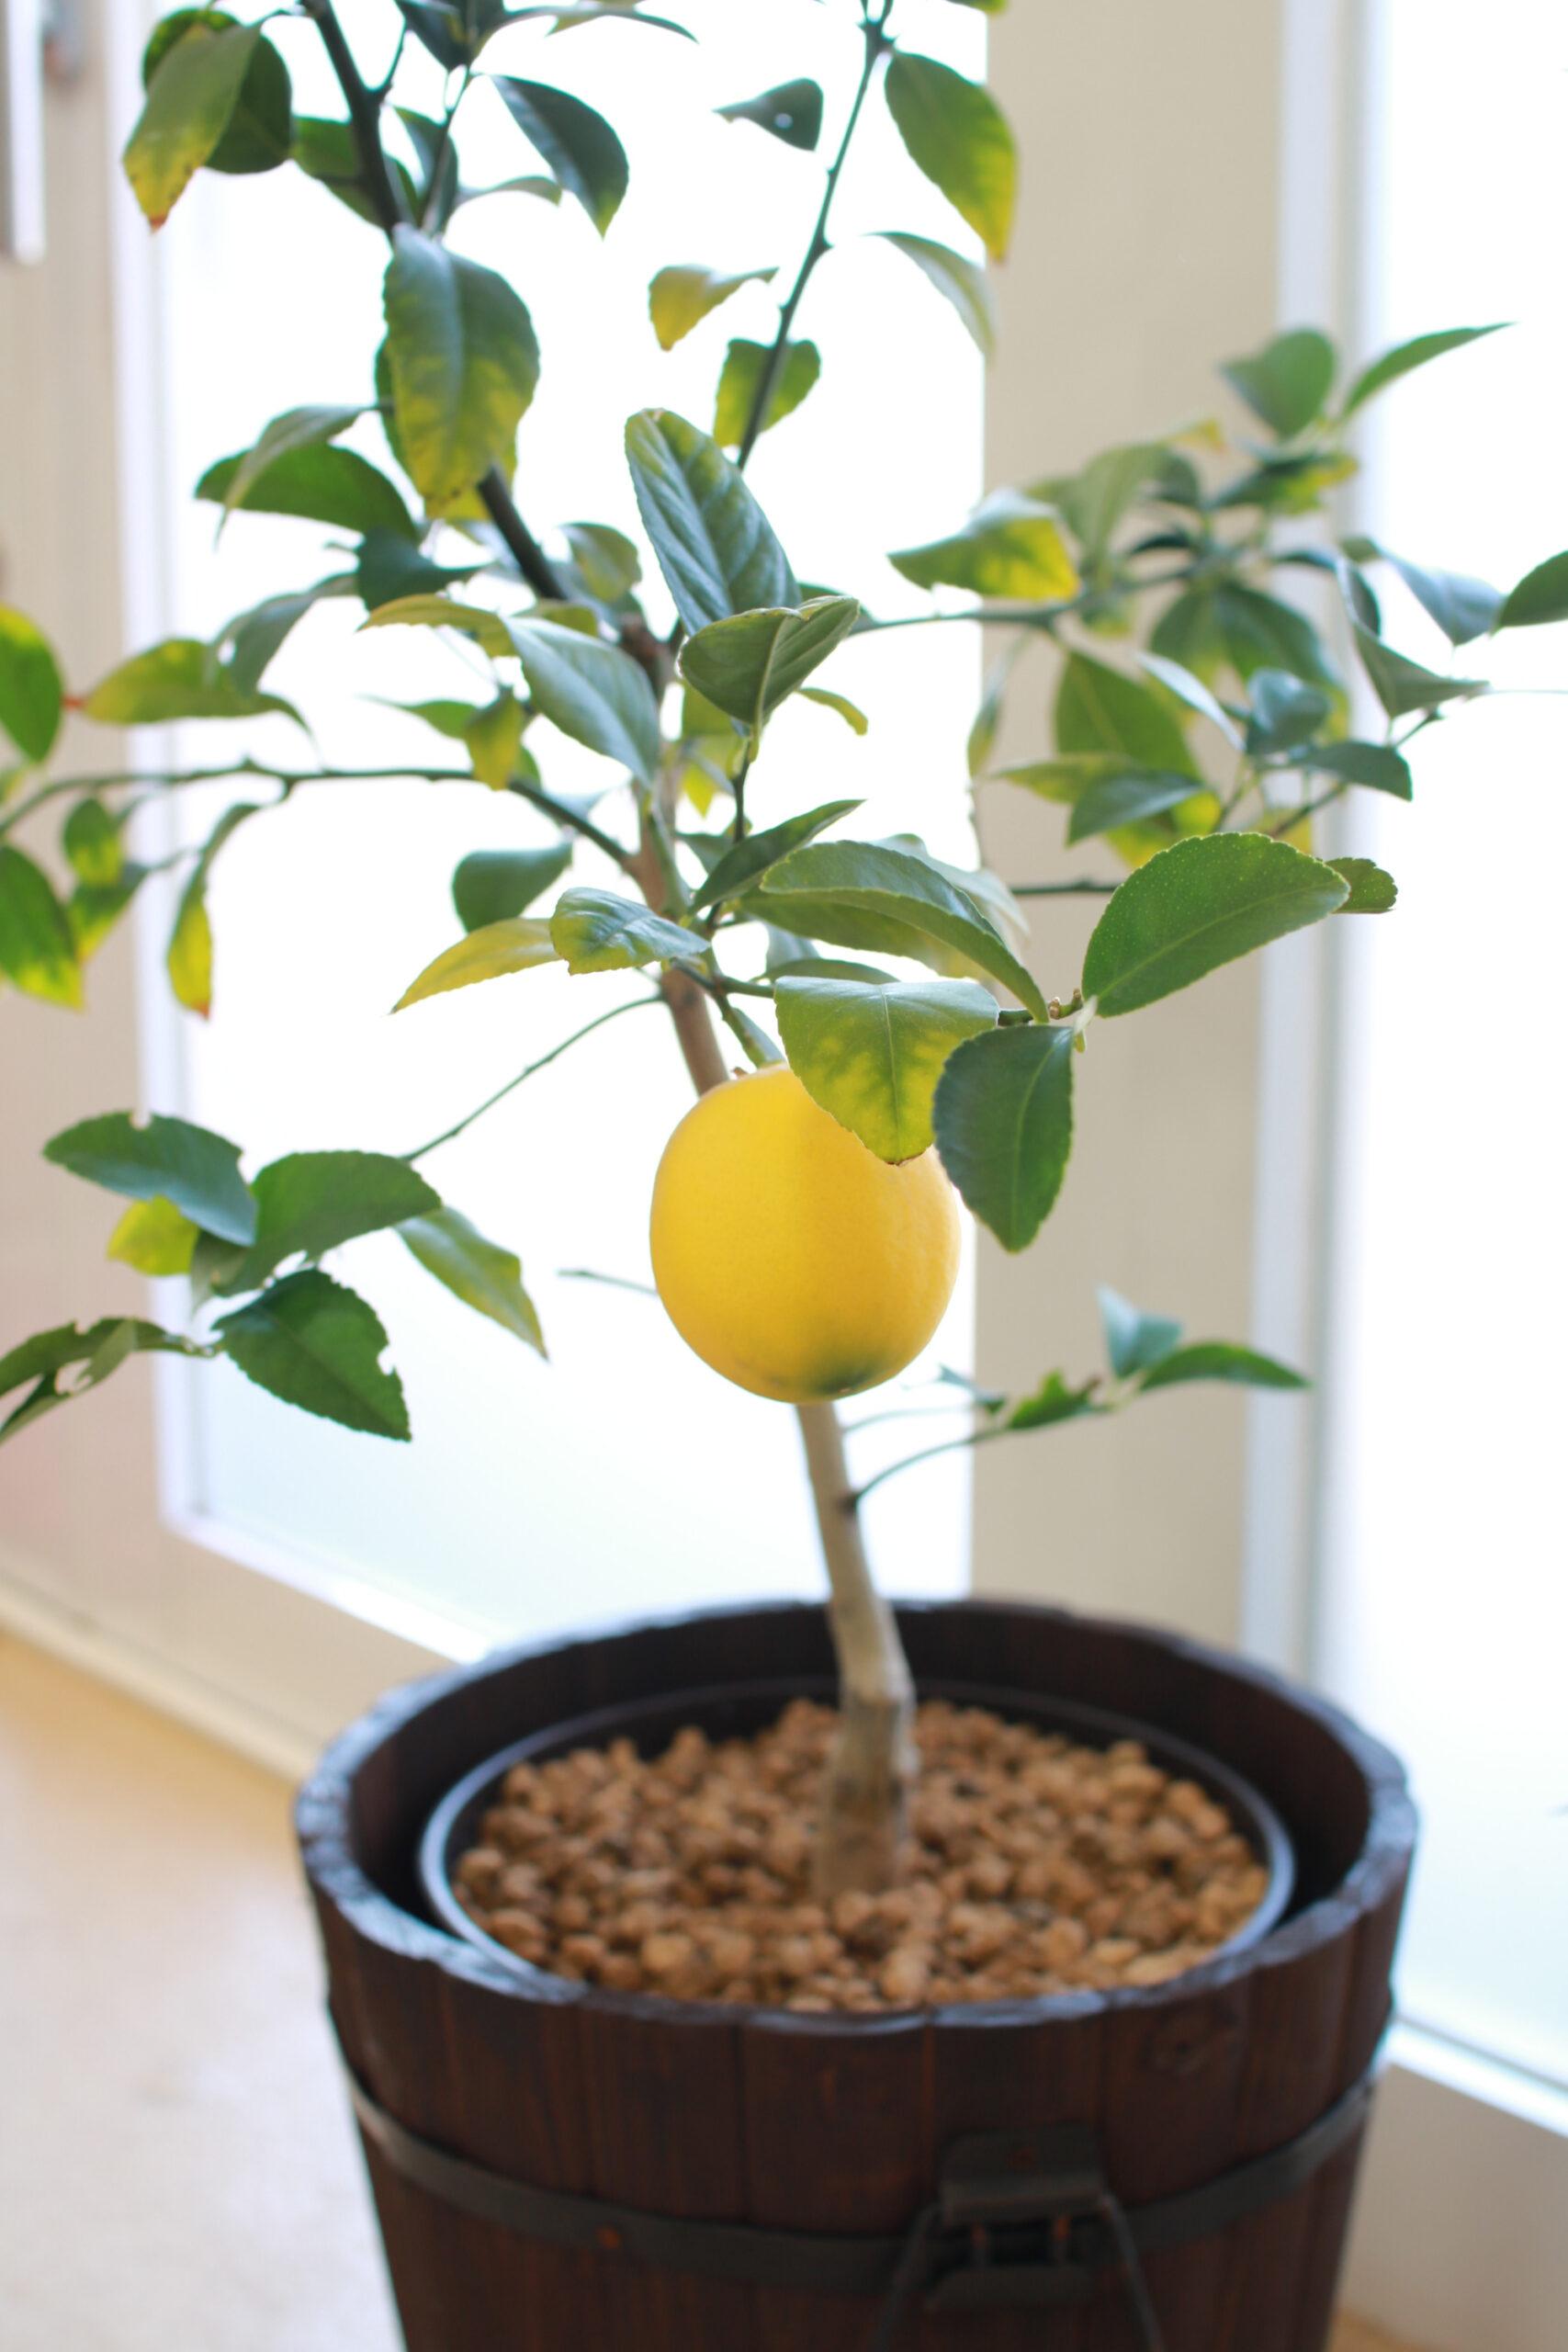 の 木 レモン 【初心者】レモンの栽培・育て方(肥料・剪定・摘果など)|【簡単】家庭菜園の始め方と初心者におすすめグッズ